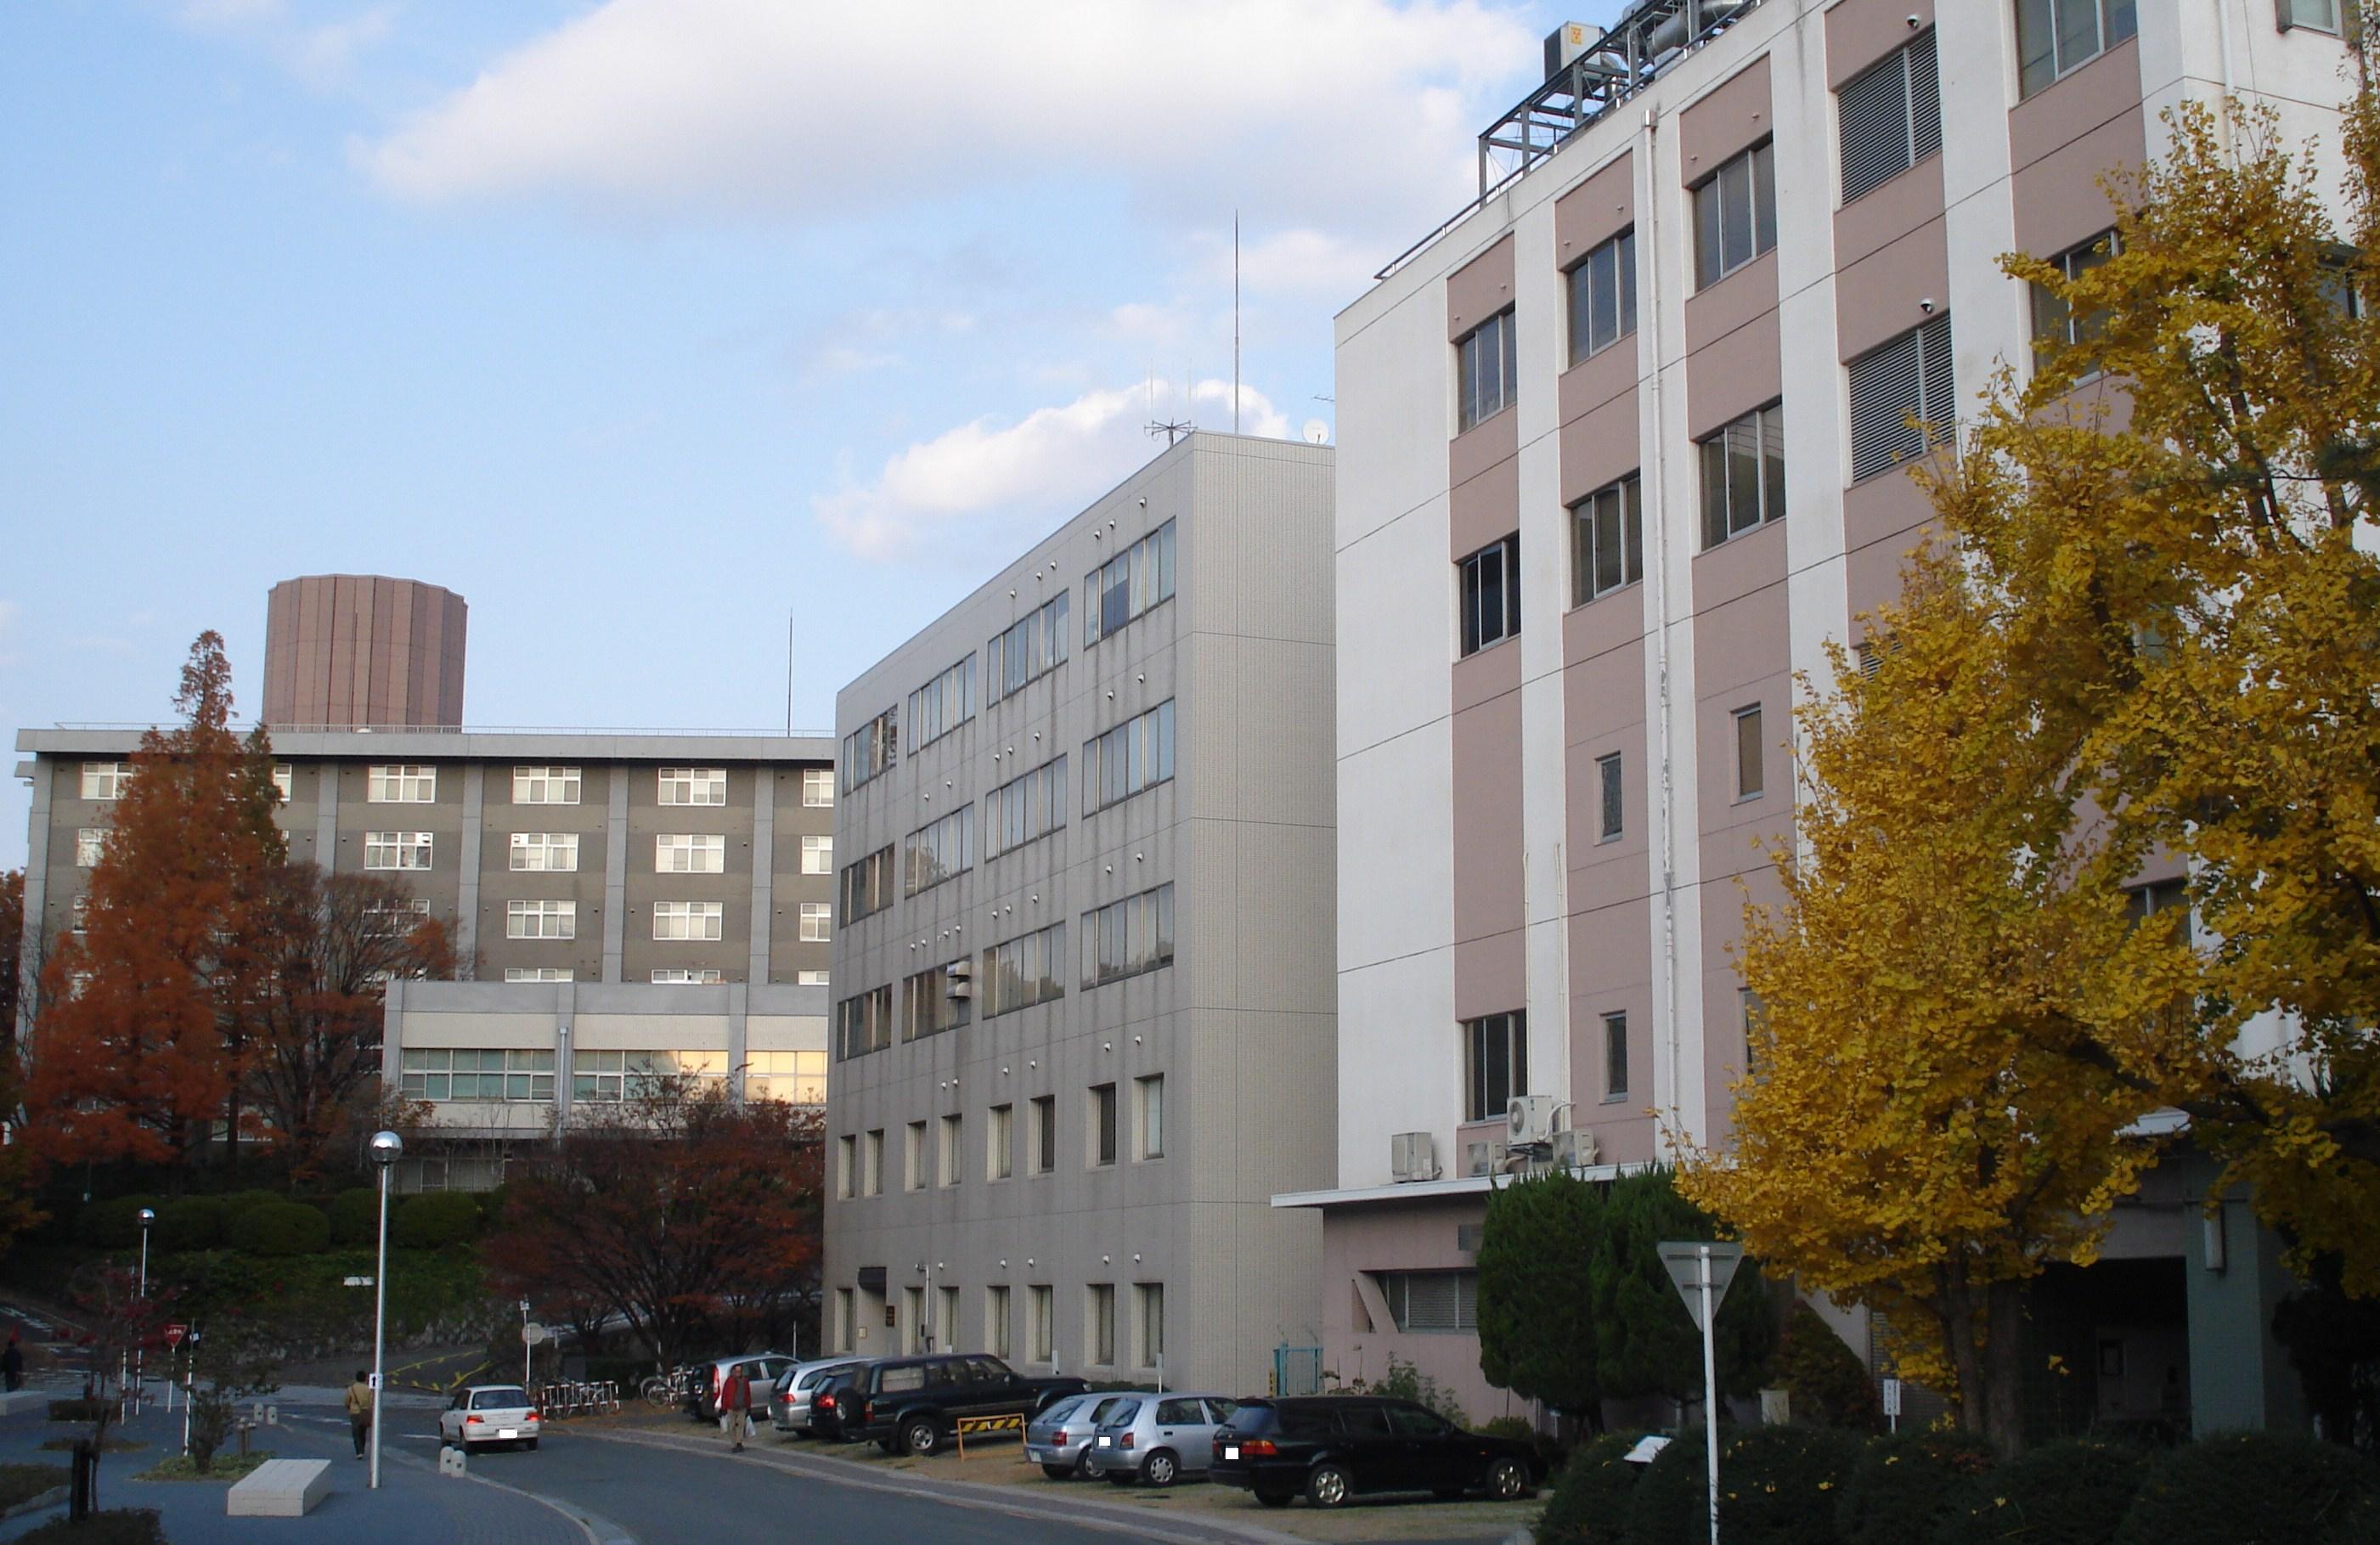 高等 附属 学部 名古屋 教育 学校 大学